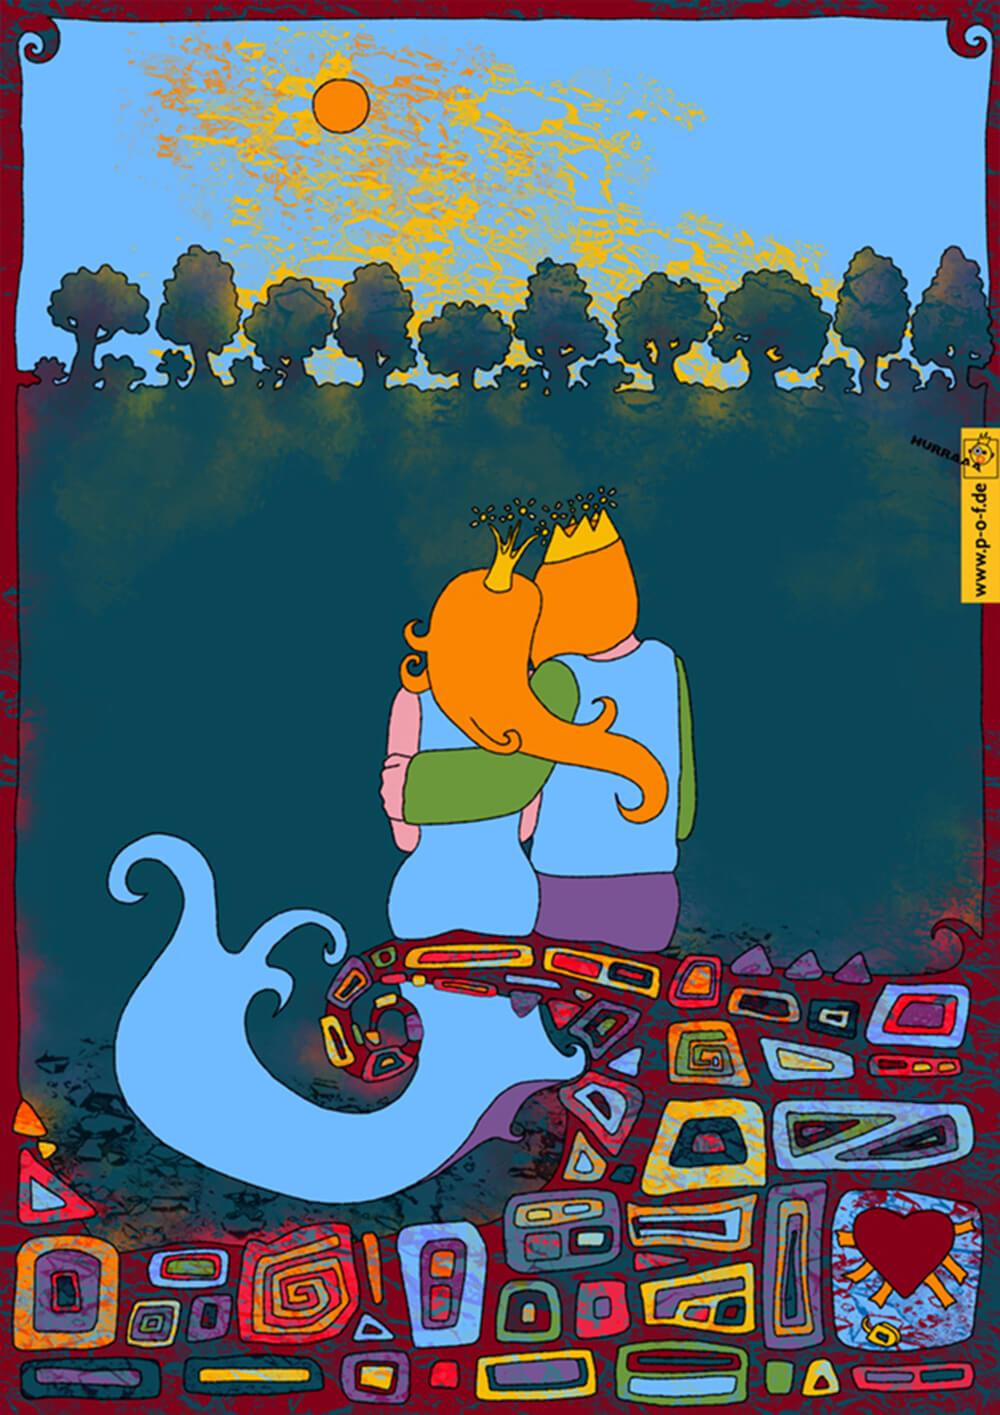 Frosch ist als Prinz für die Prinzessin die Erlösung (der eiserne Heinrich)